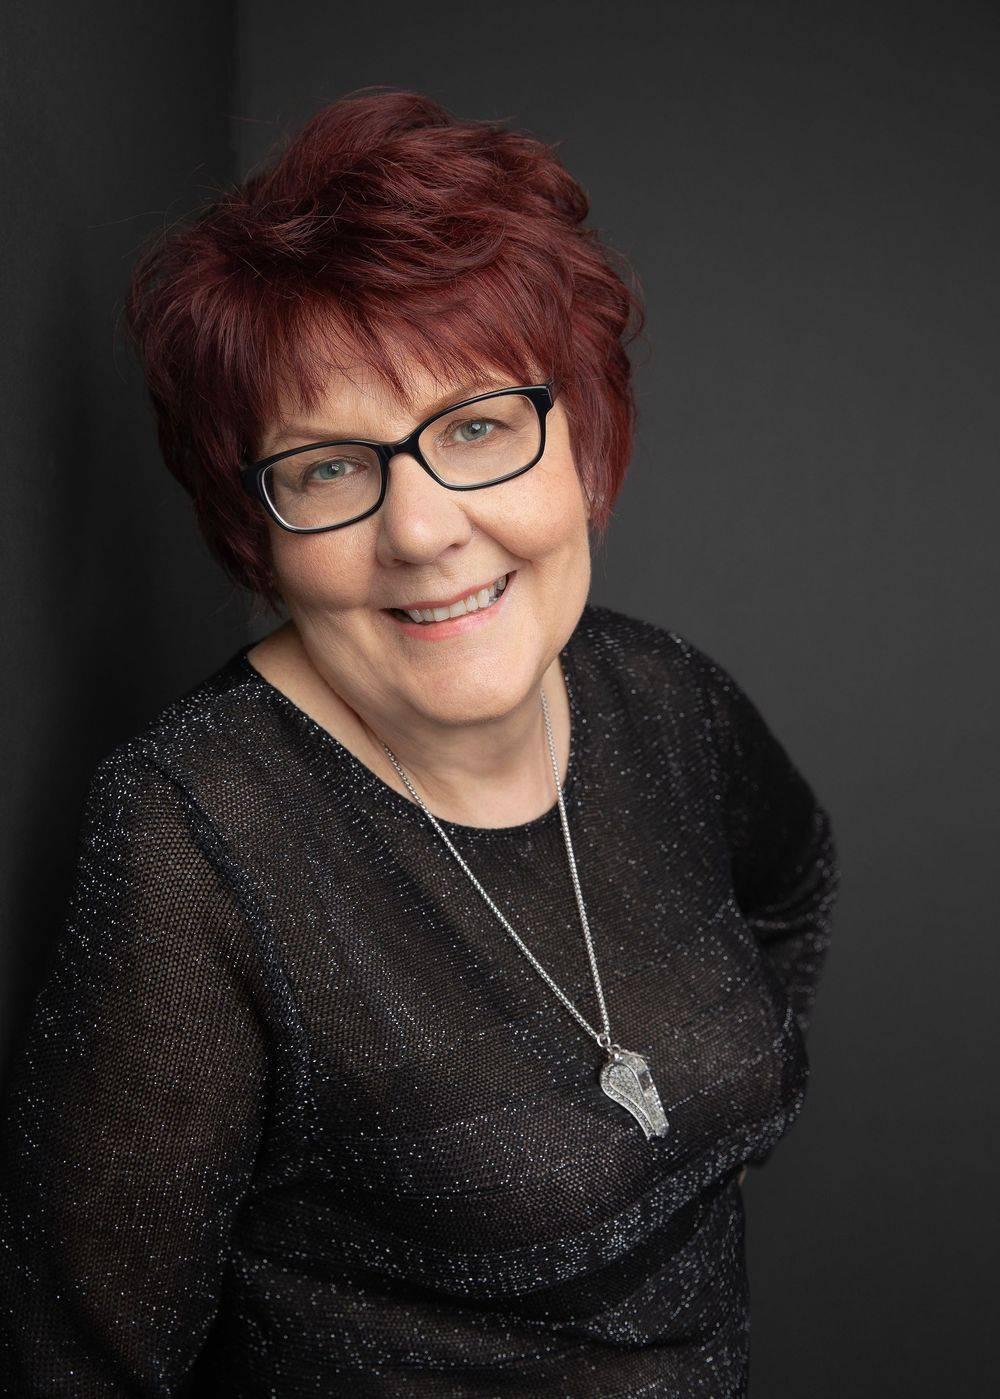 Karen Murdock